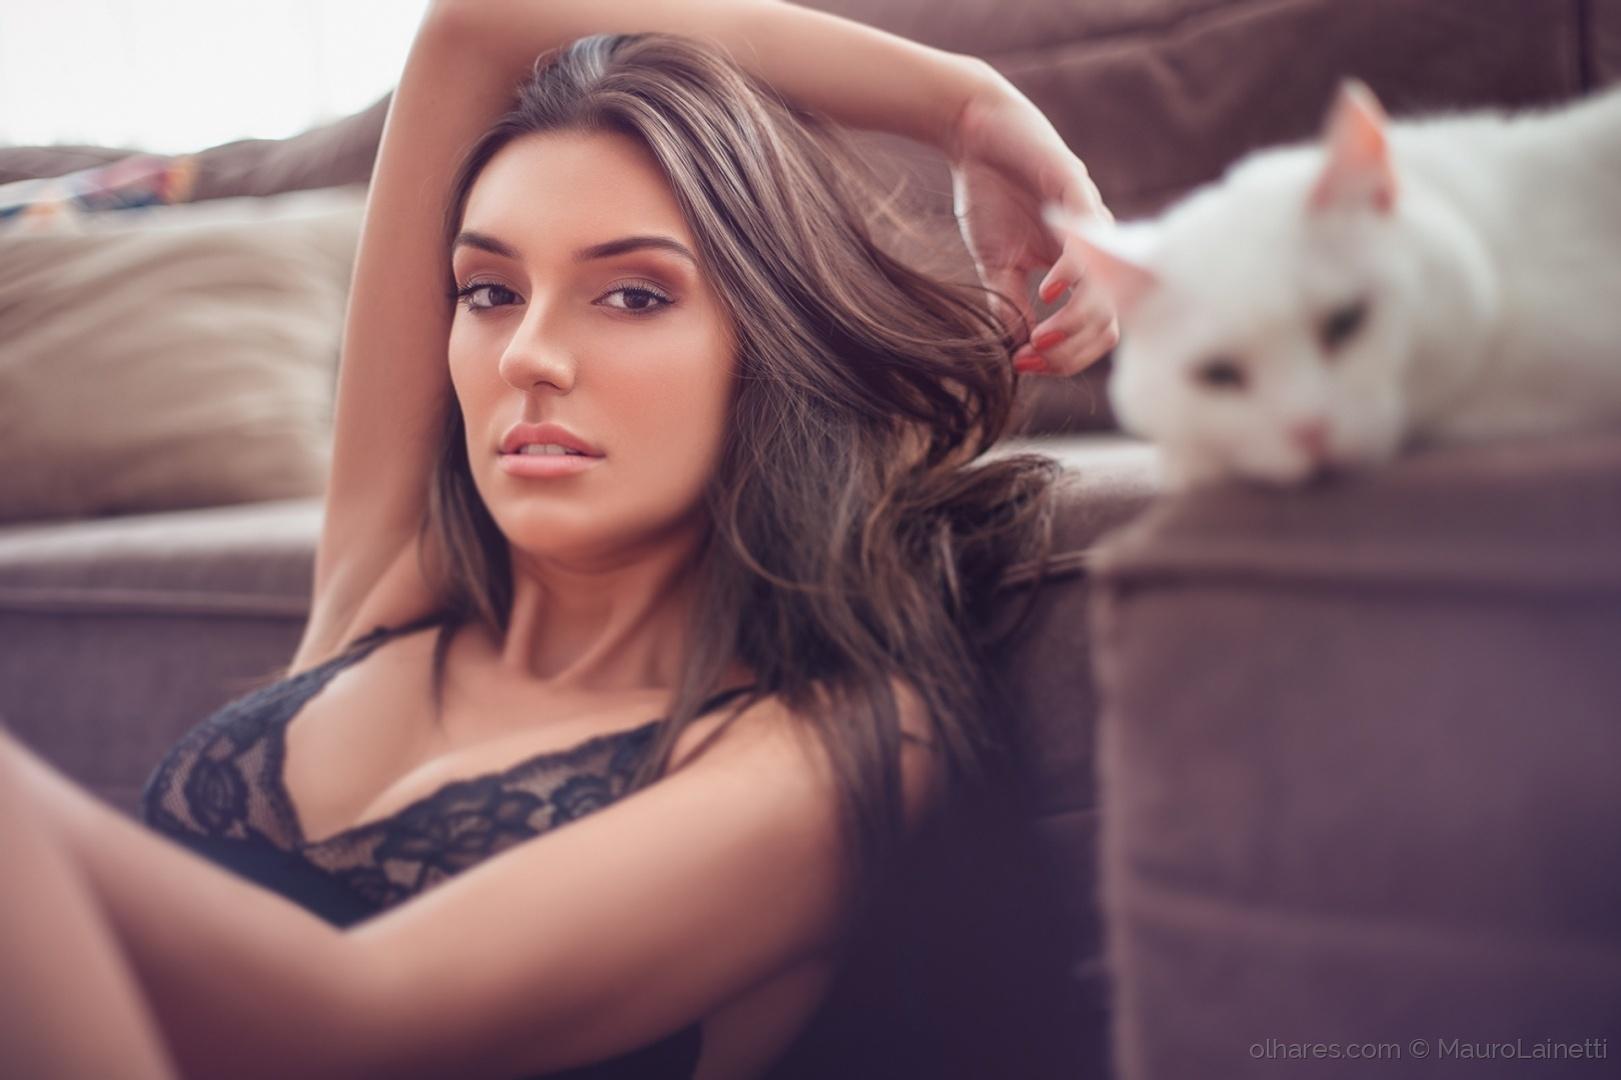 Retratos/Kamilla